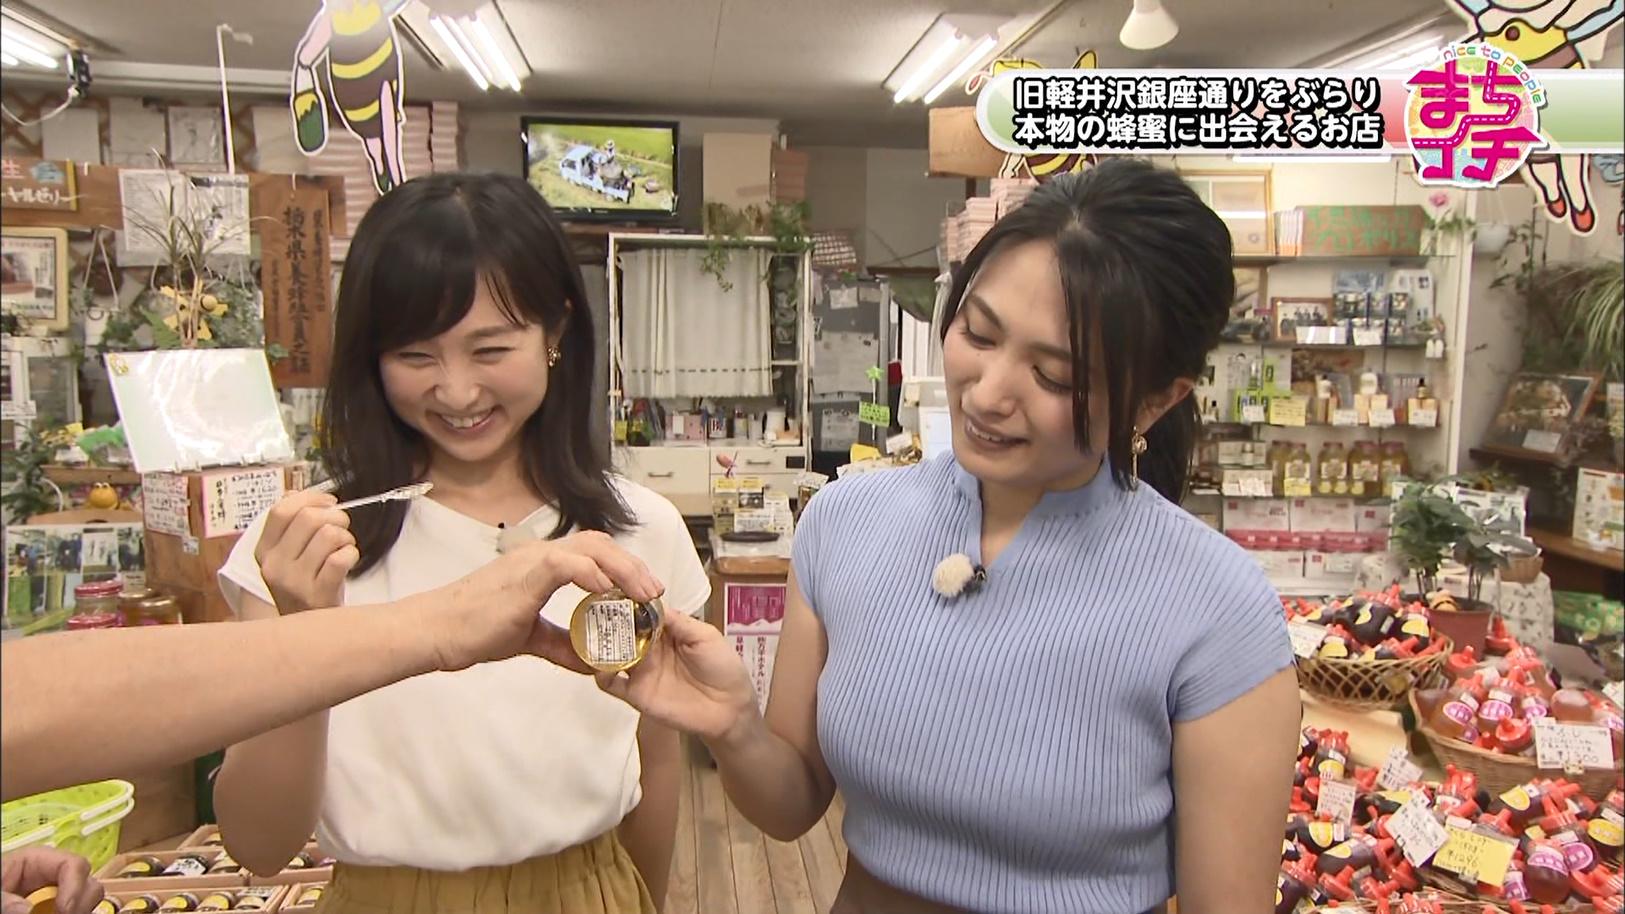 2019年9月30日に放送された「まちイチ」に出演した川村ゆきえさんのテレビキャプチャー画像-033